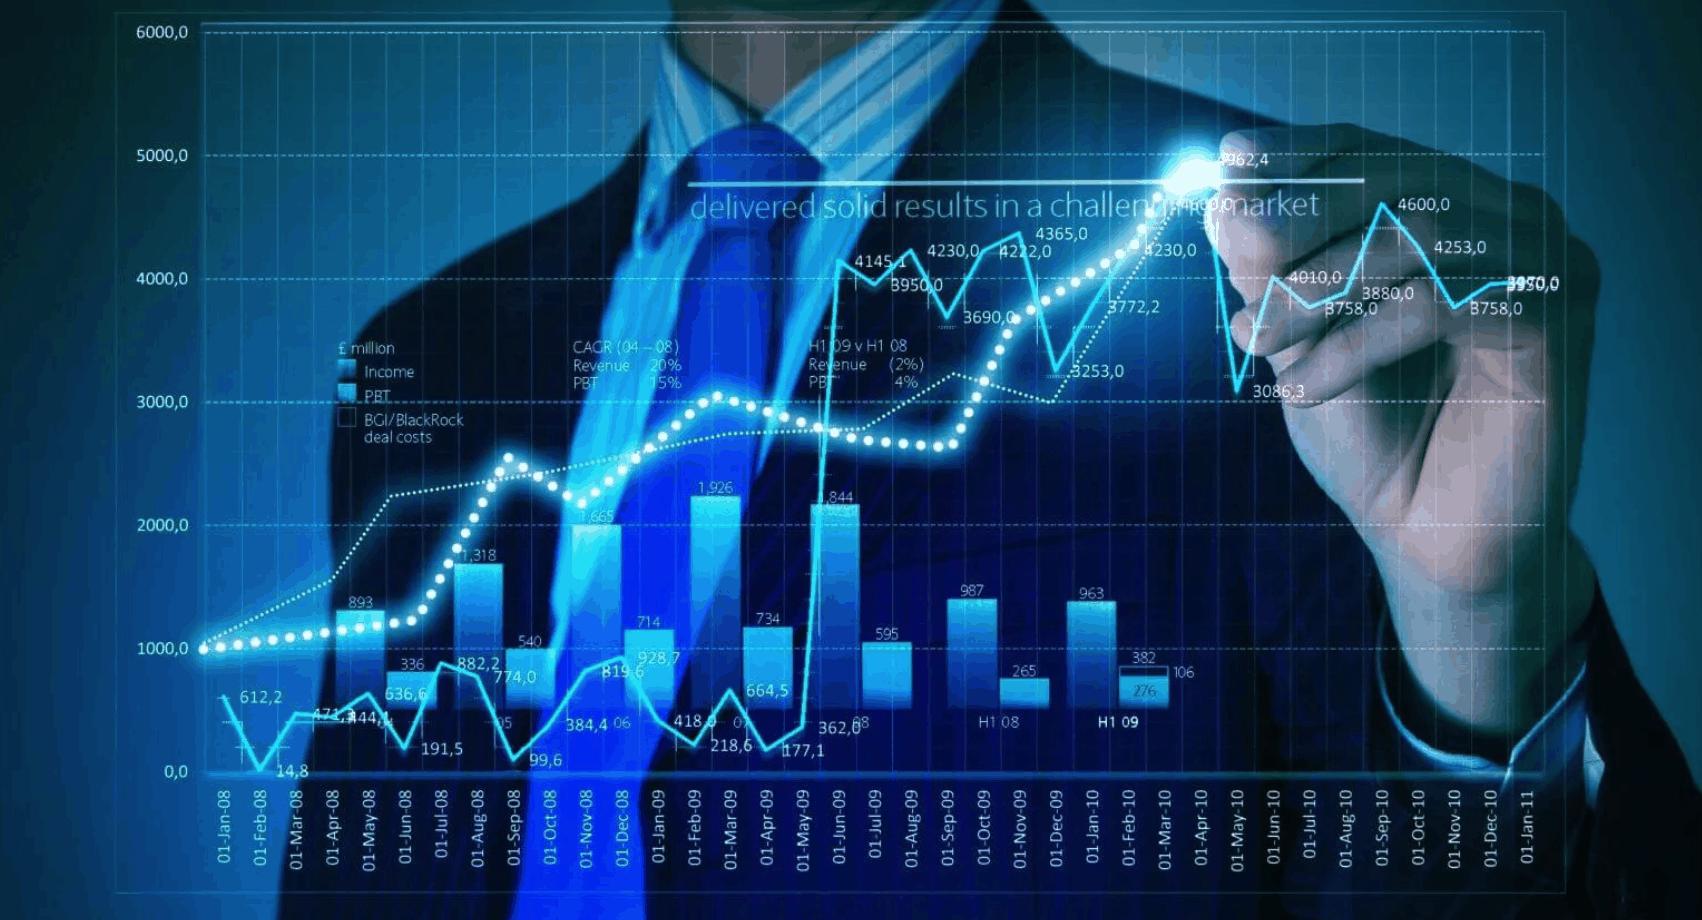 أفضل تجربة مع سوق الأسهم السعودي